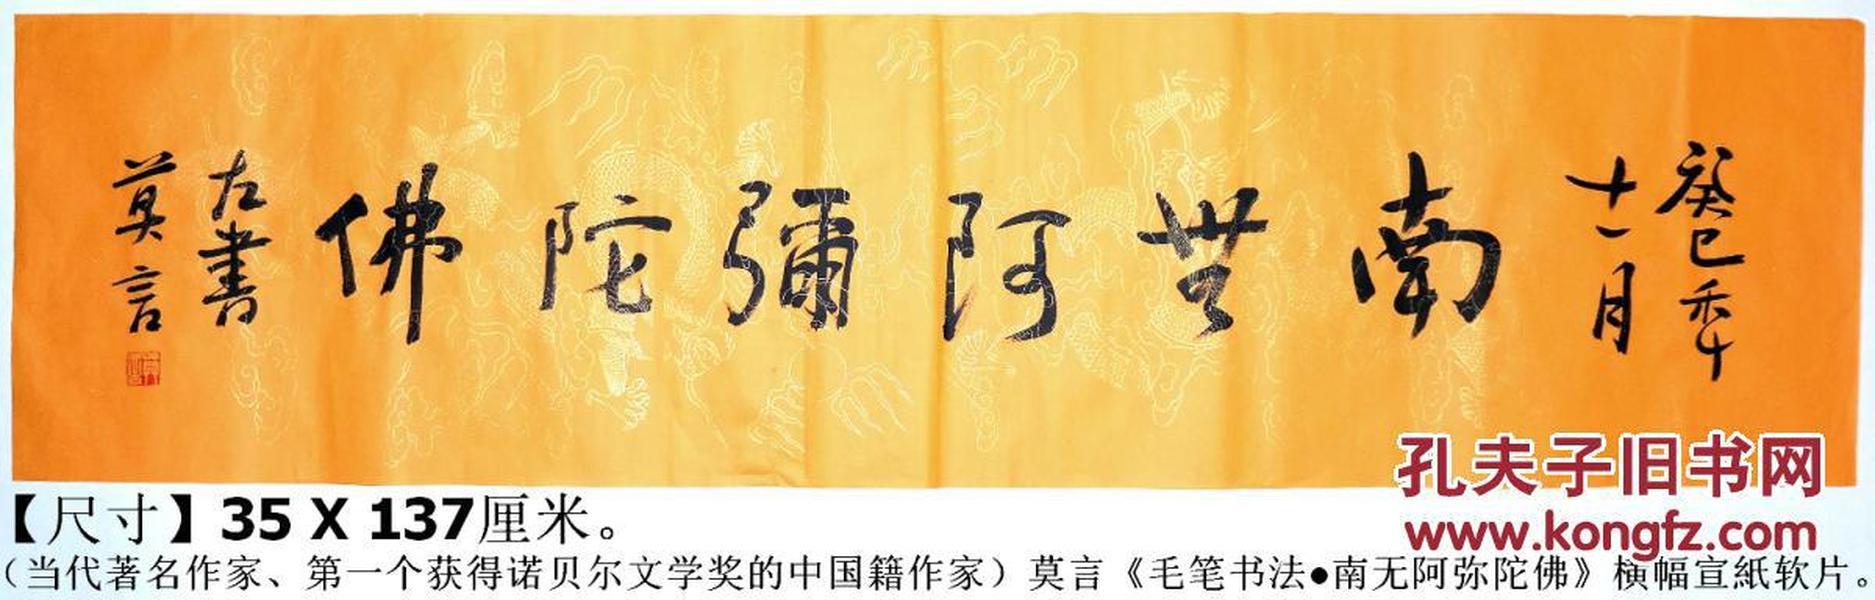 当代著名作家◆莫言《横幅毛笔书法》描金云龙戏珠图案宣纸软片◆当代文化界文人书法名人书法◆【尺寸】35 X 137厘米。